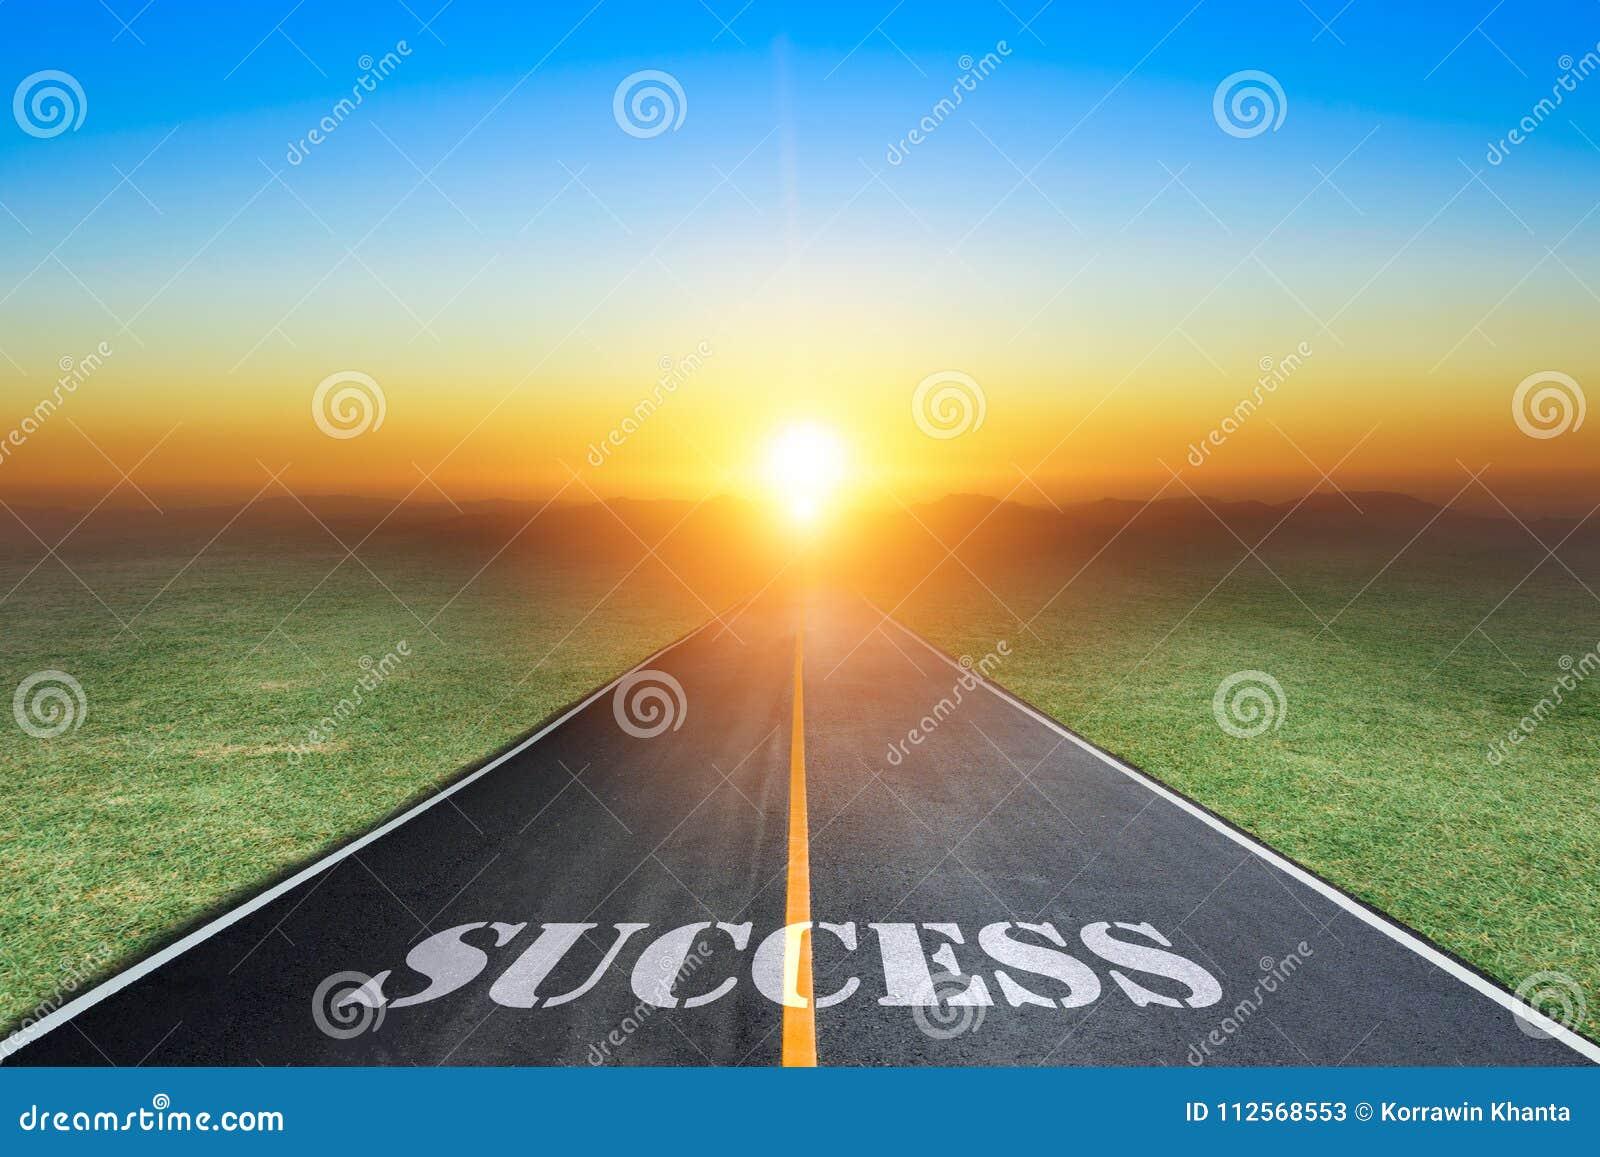 Entraînement sur une route goudronnée vide vers le coucher de soleil et le signe qui symbolisant le succès